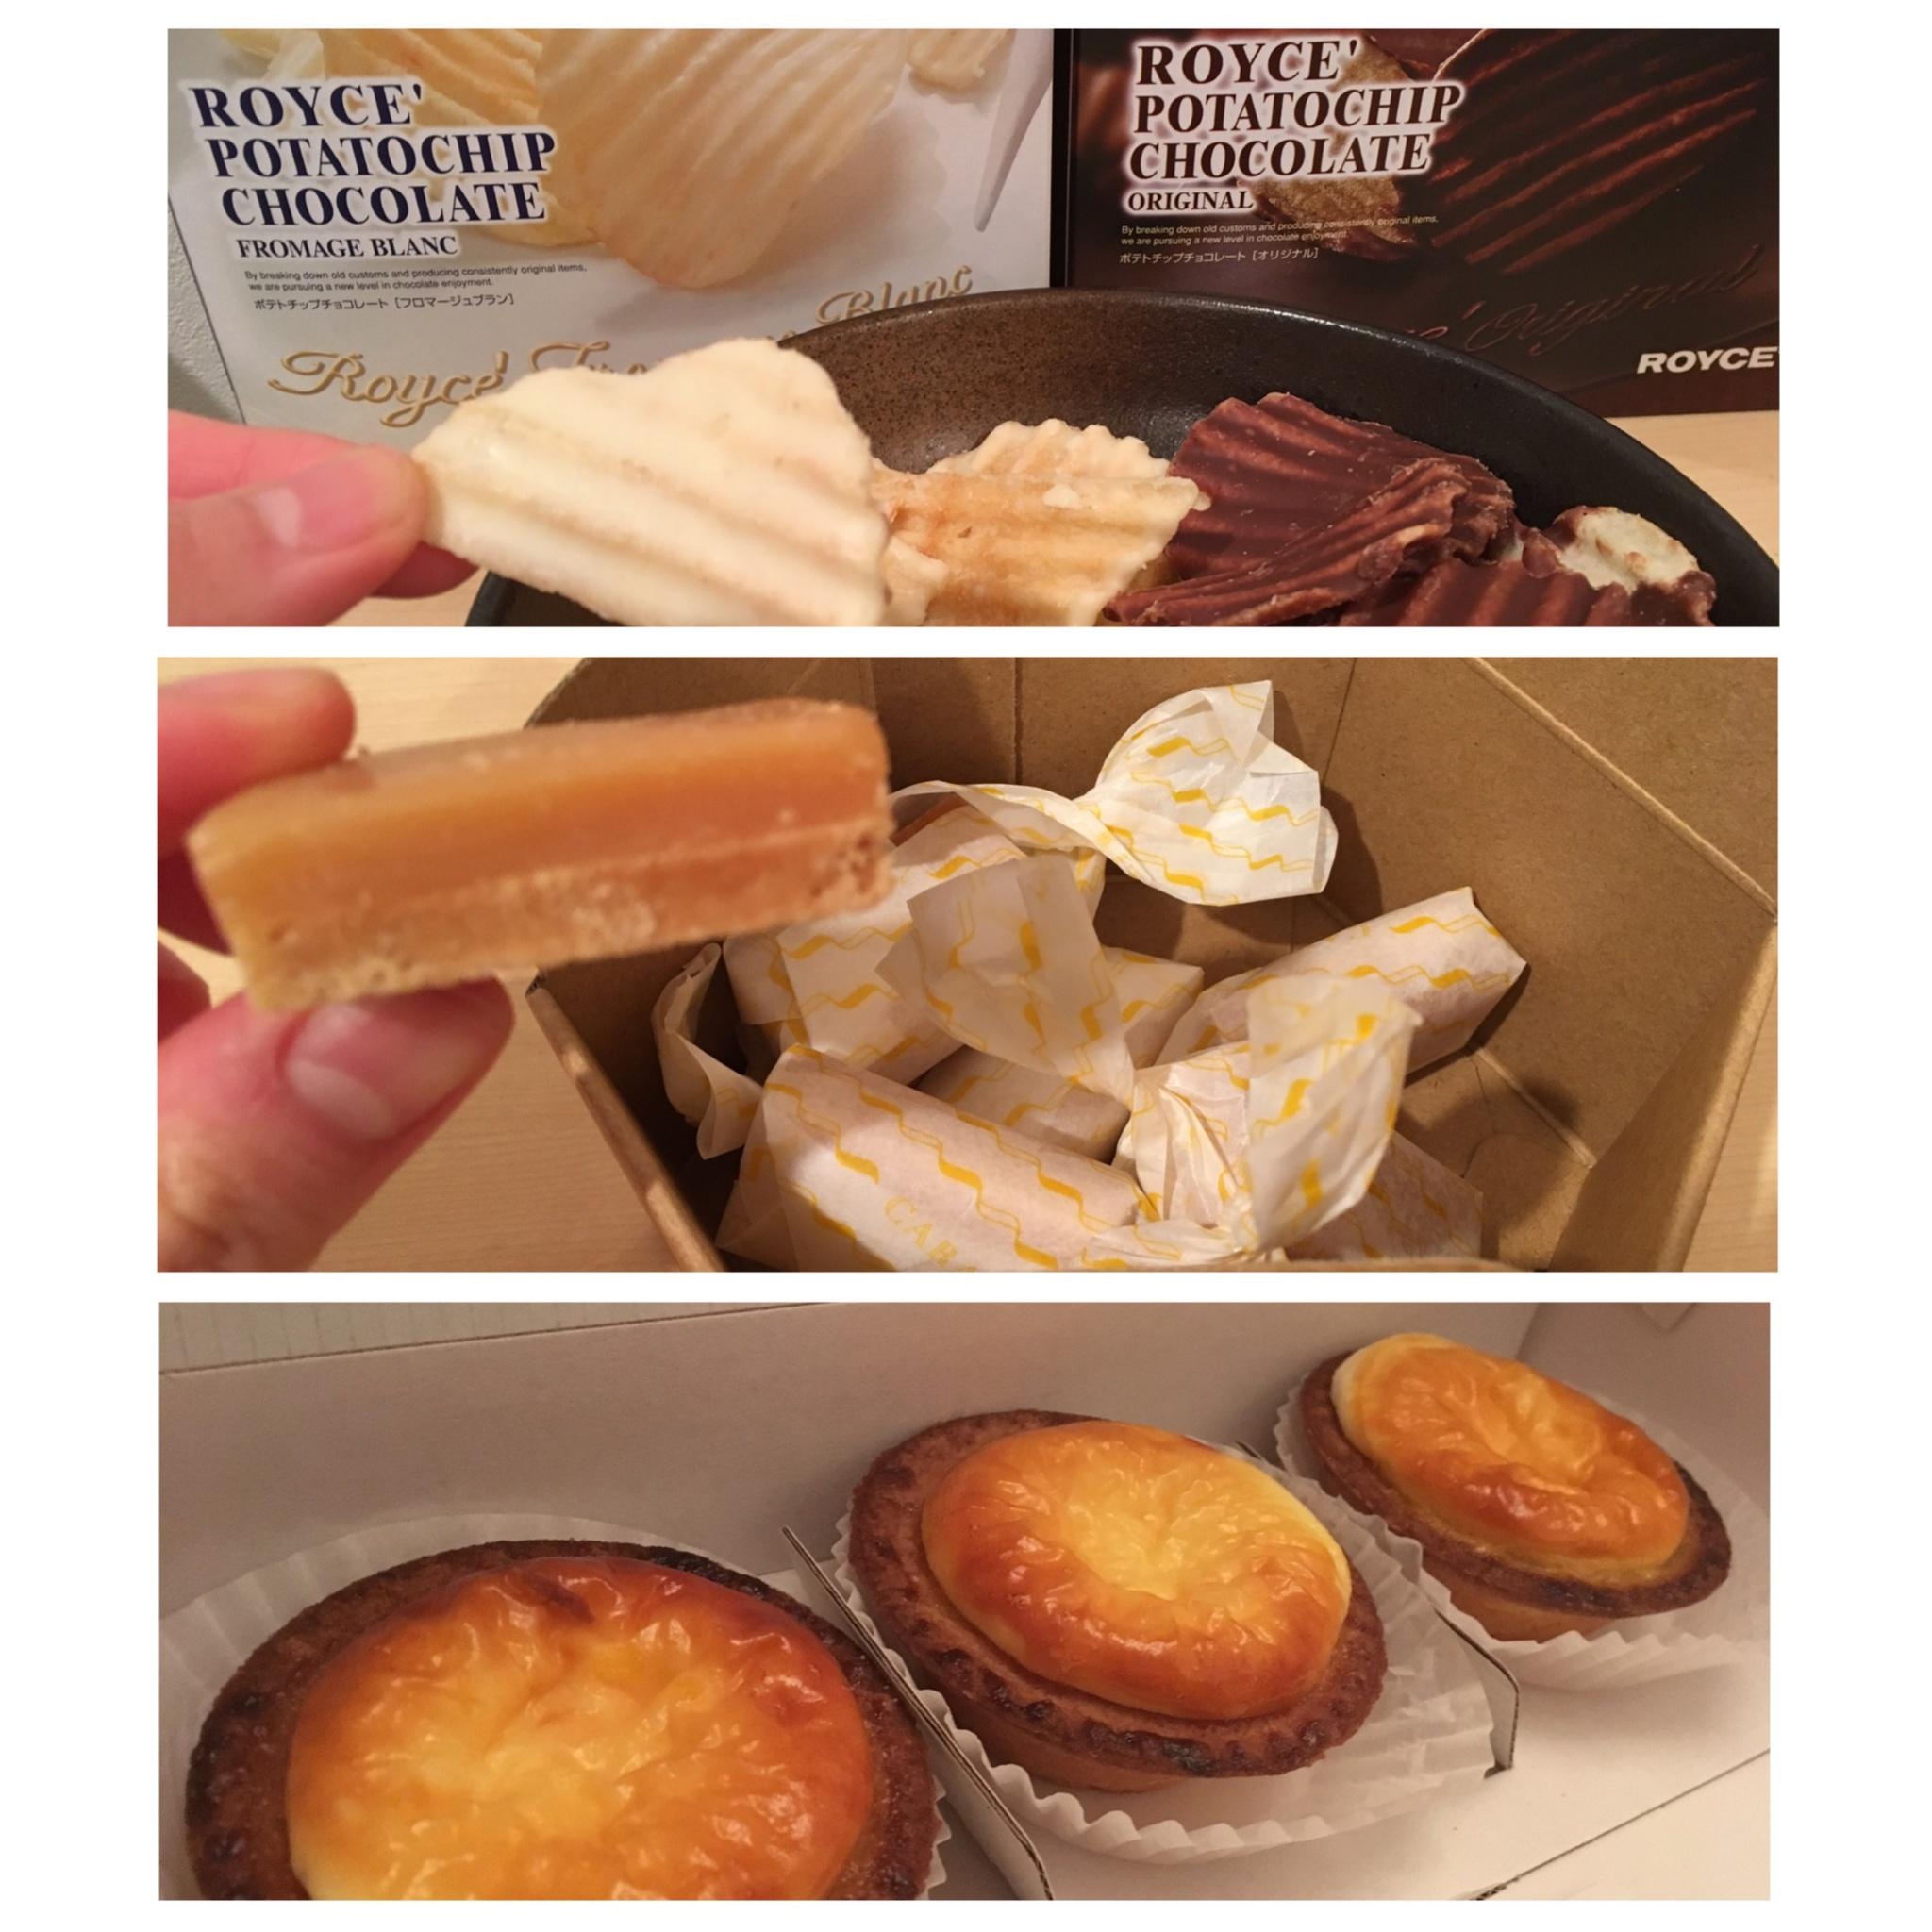 コレ買って!!もらって嬉しい❤食べて美味しい❤喜ばれること間違いなし♪北海道のお土産3選☺︎_1